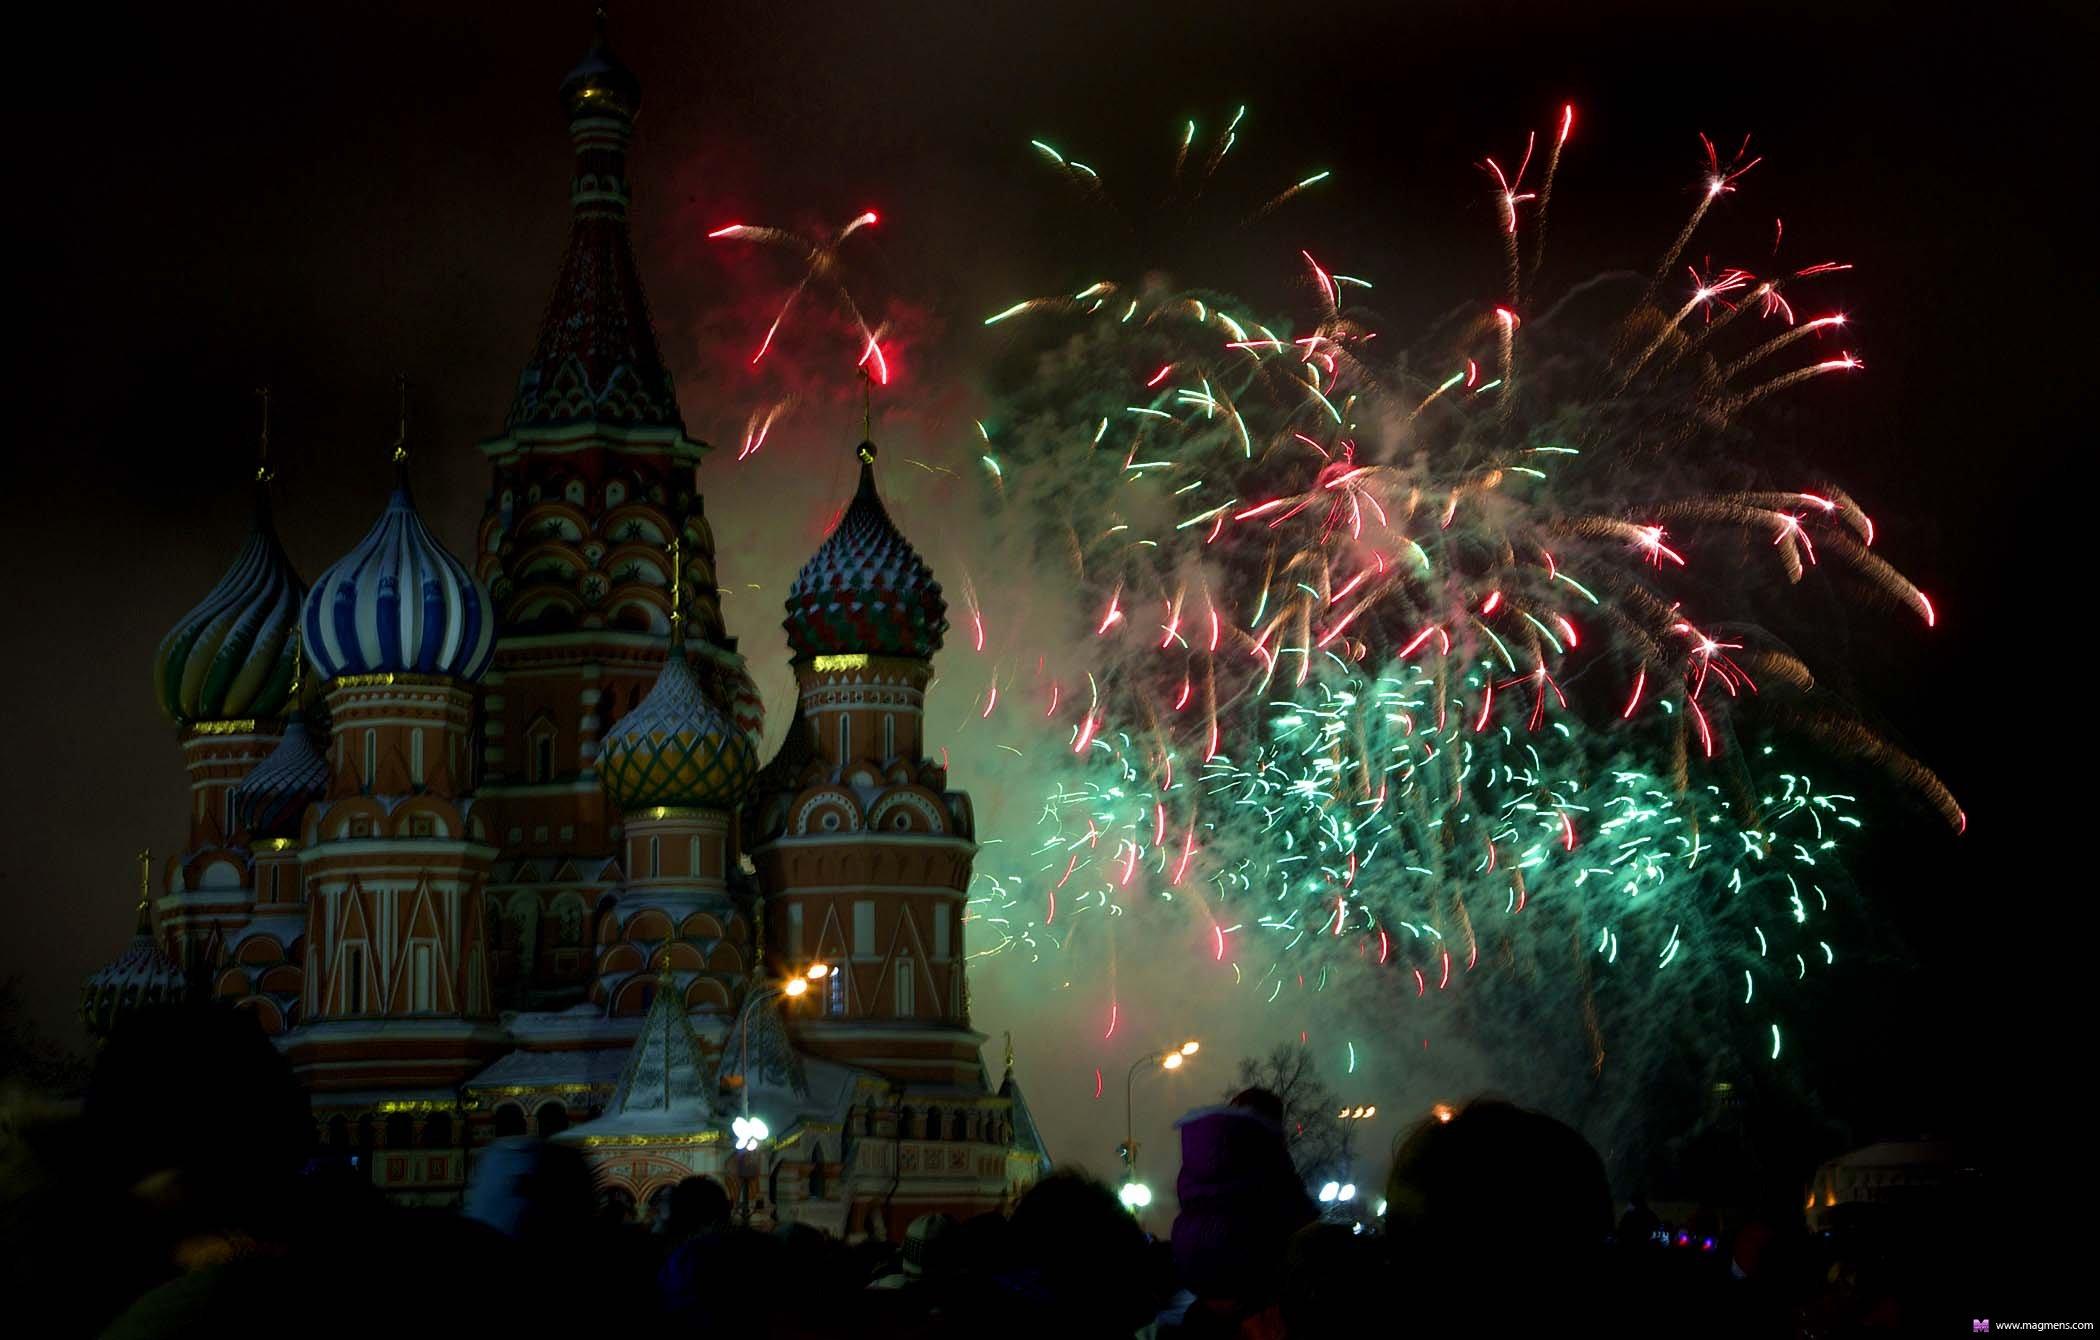 новый год фото 2016 москва